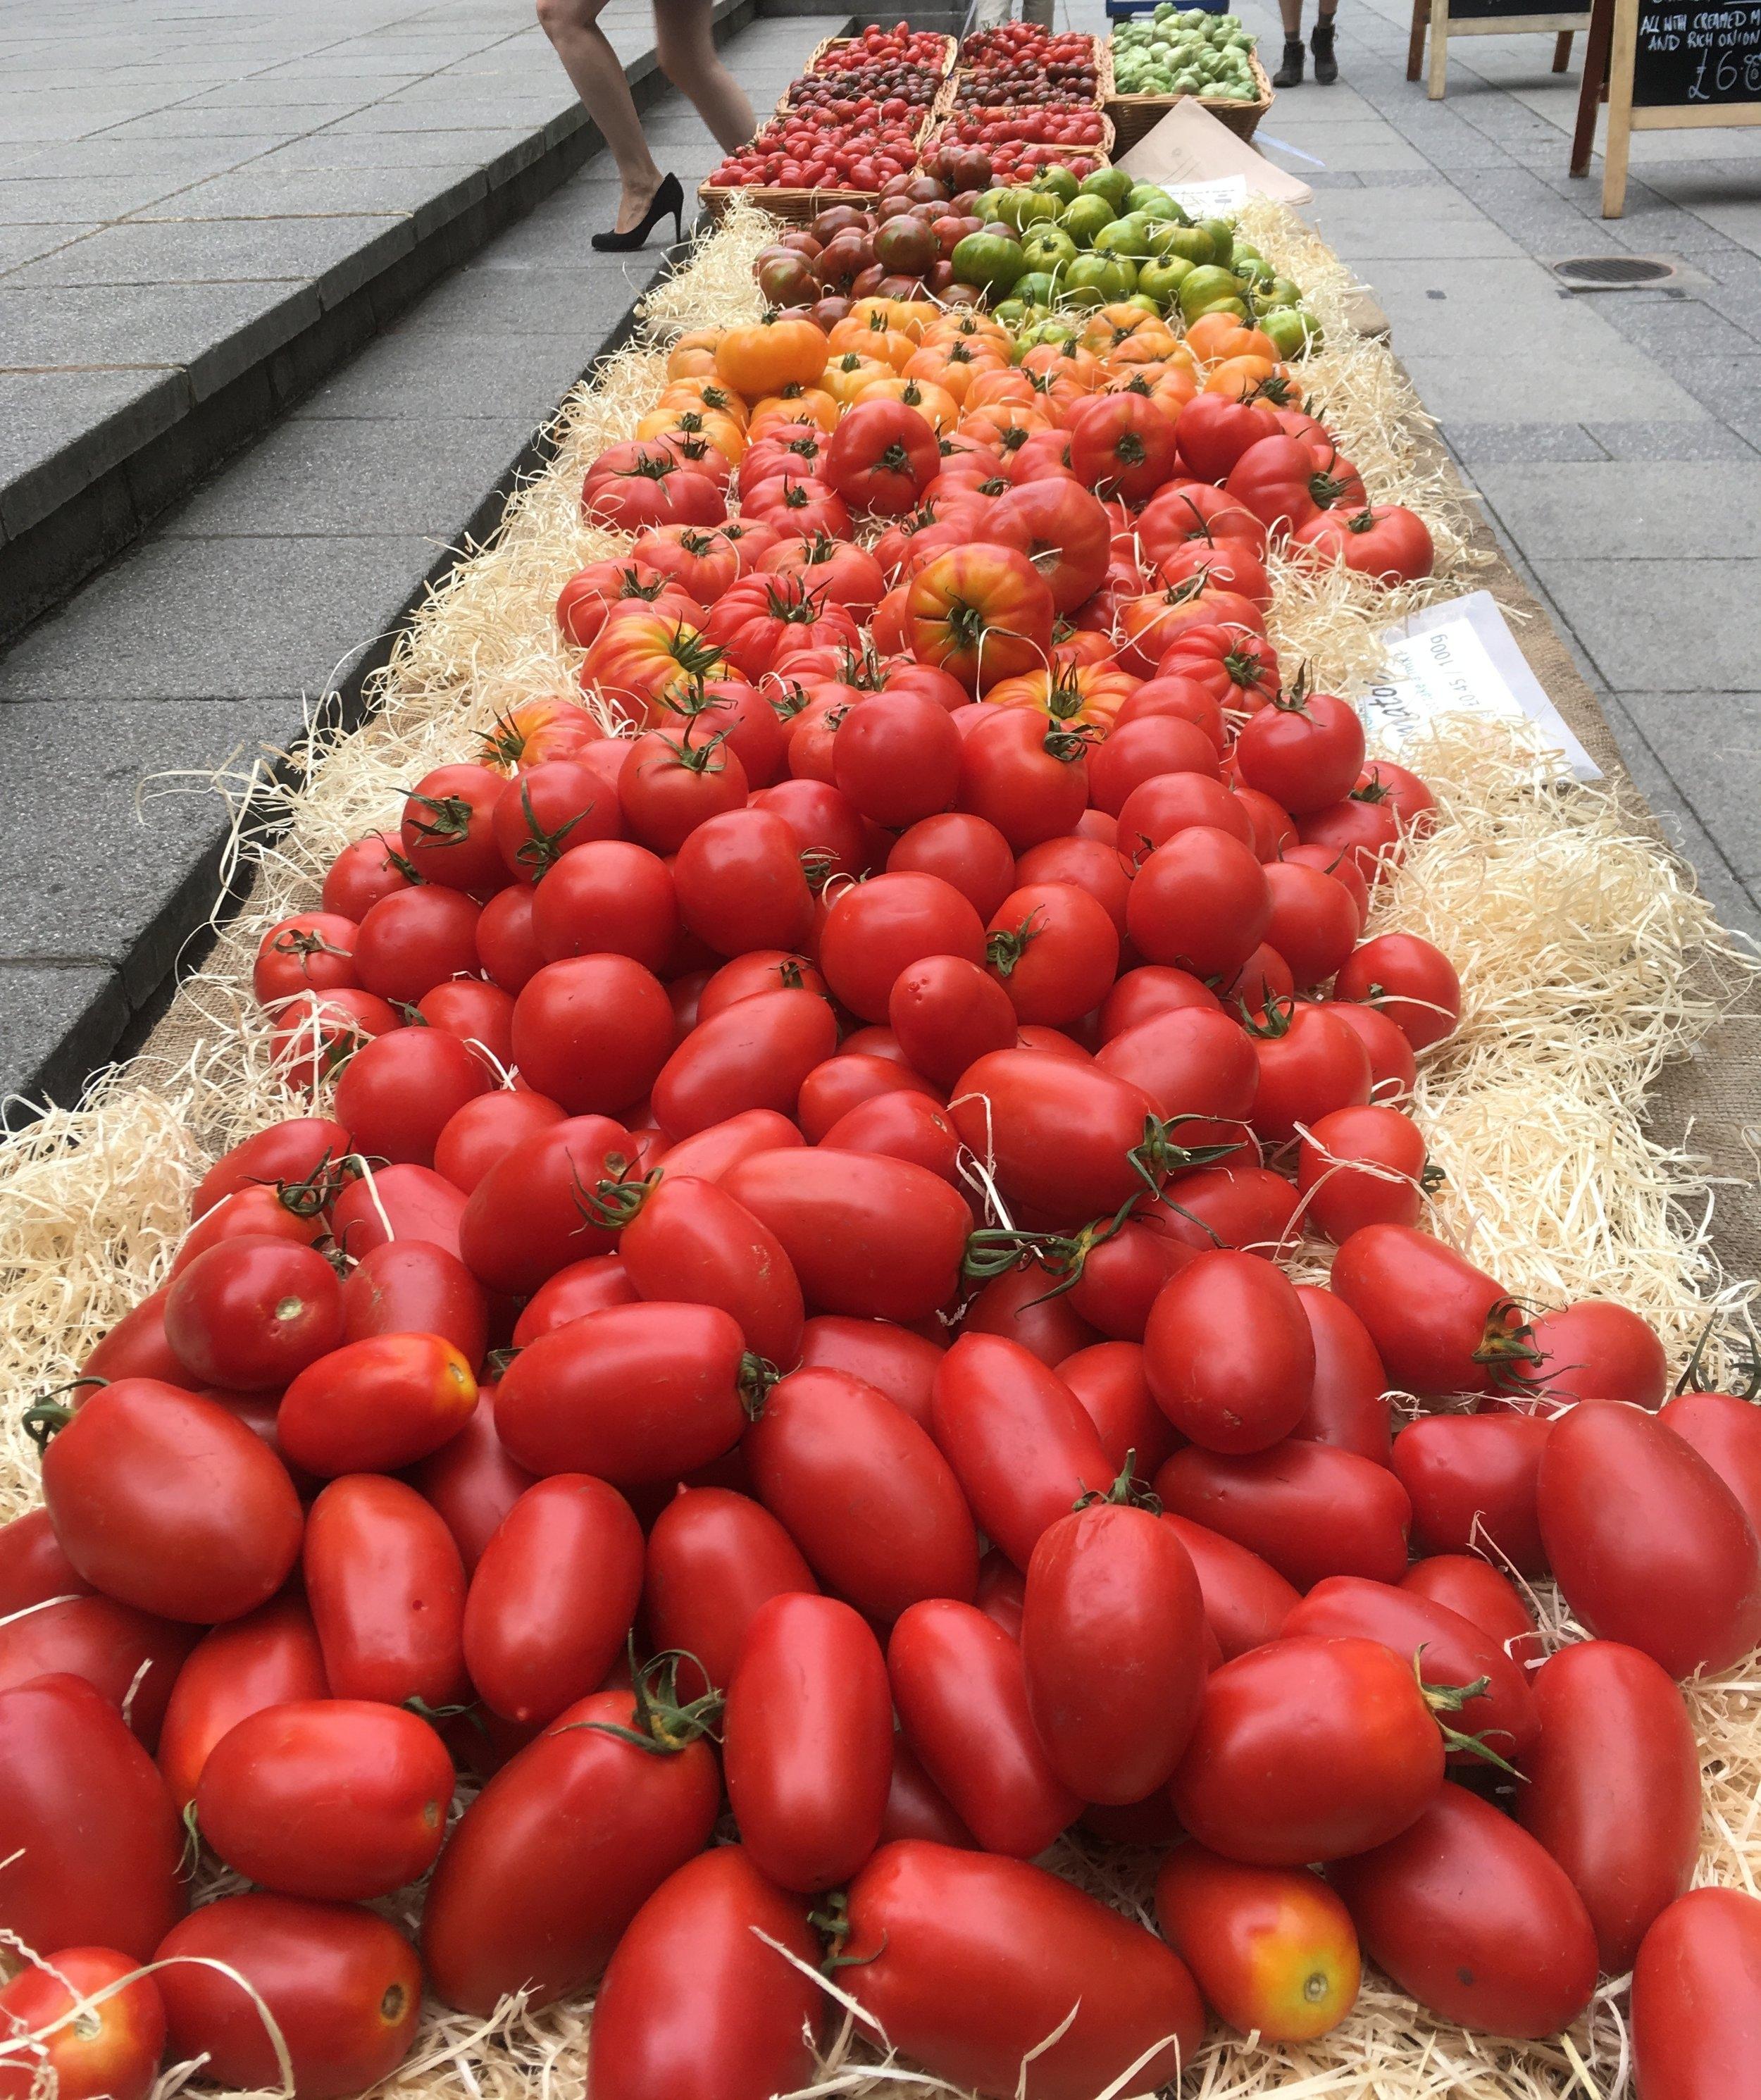 South Ken farmers' market